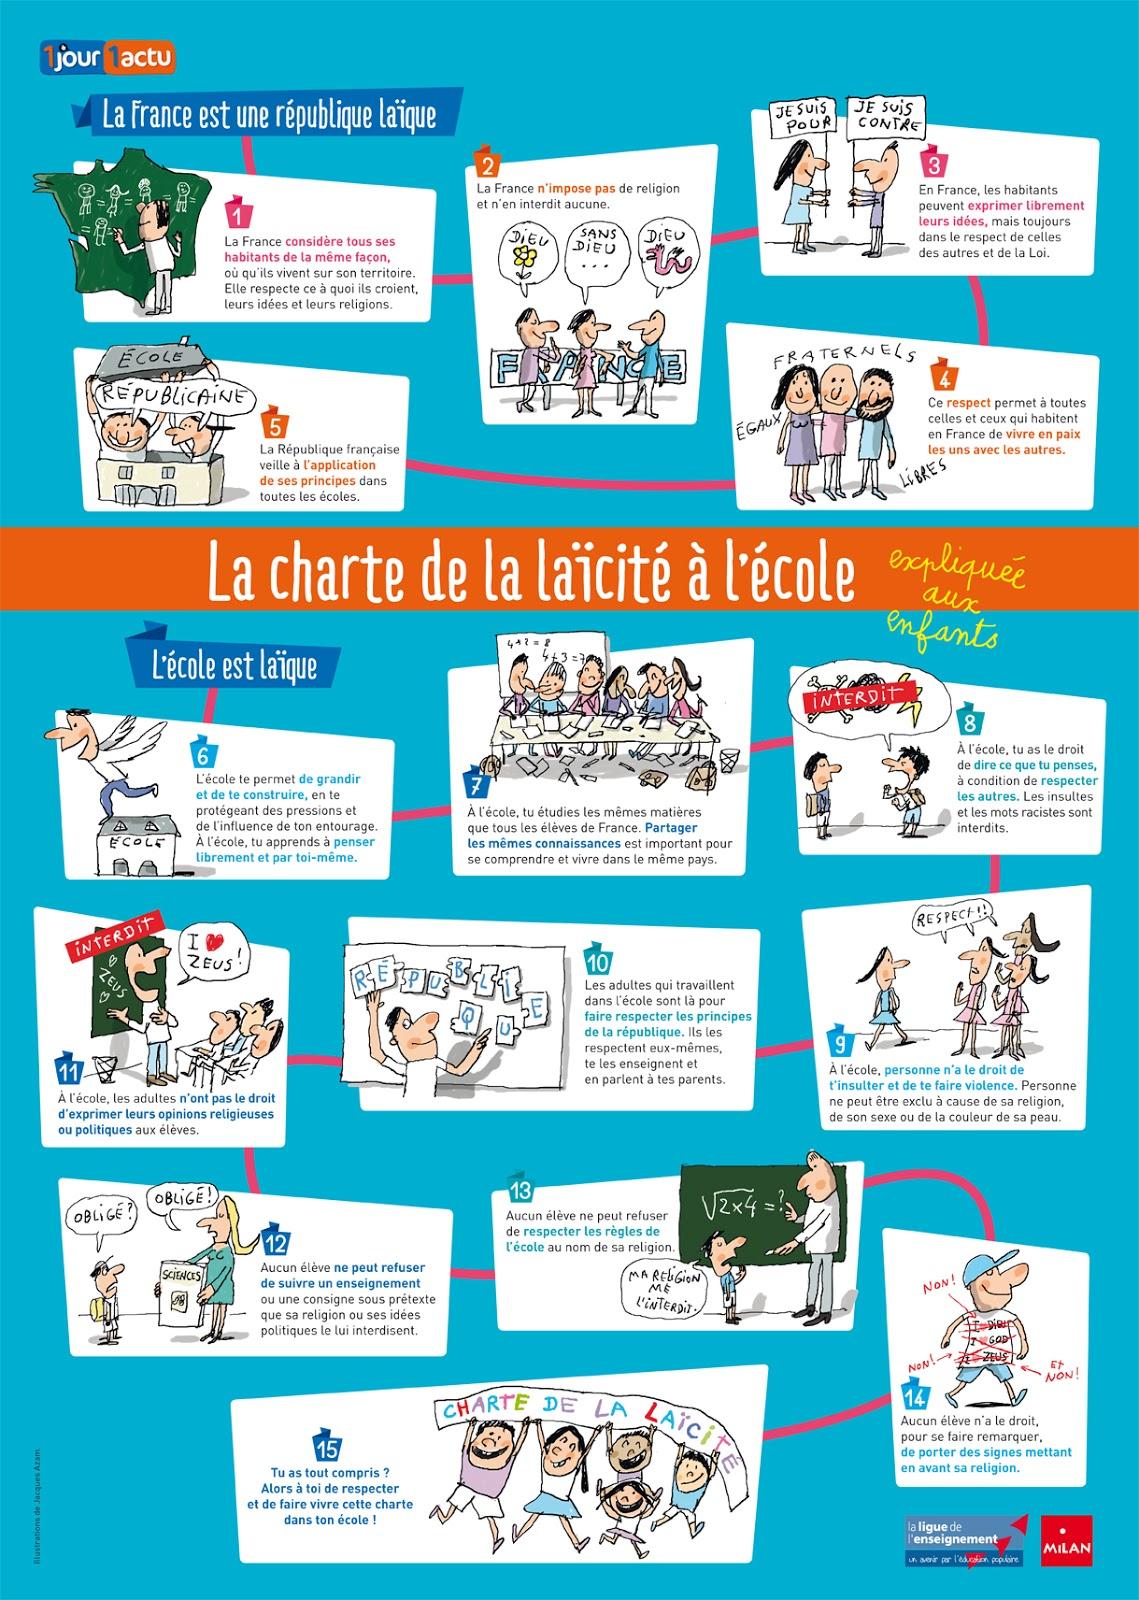 http://www.laligue.org/charte-de-la-laicite-a-lecole/